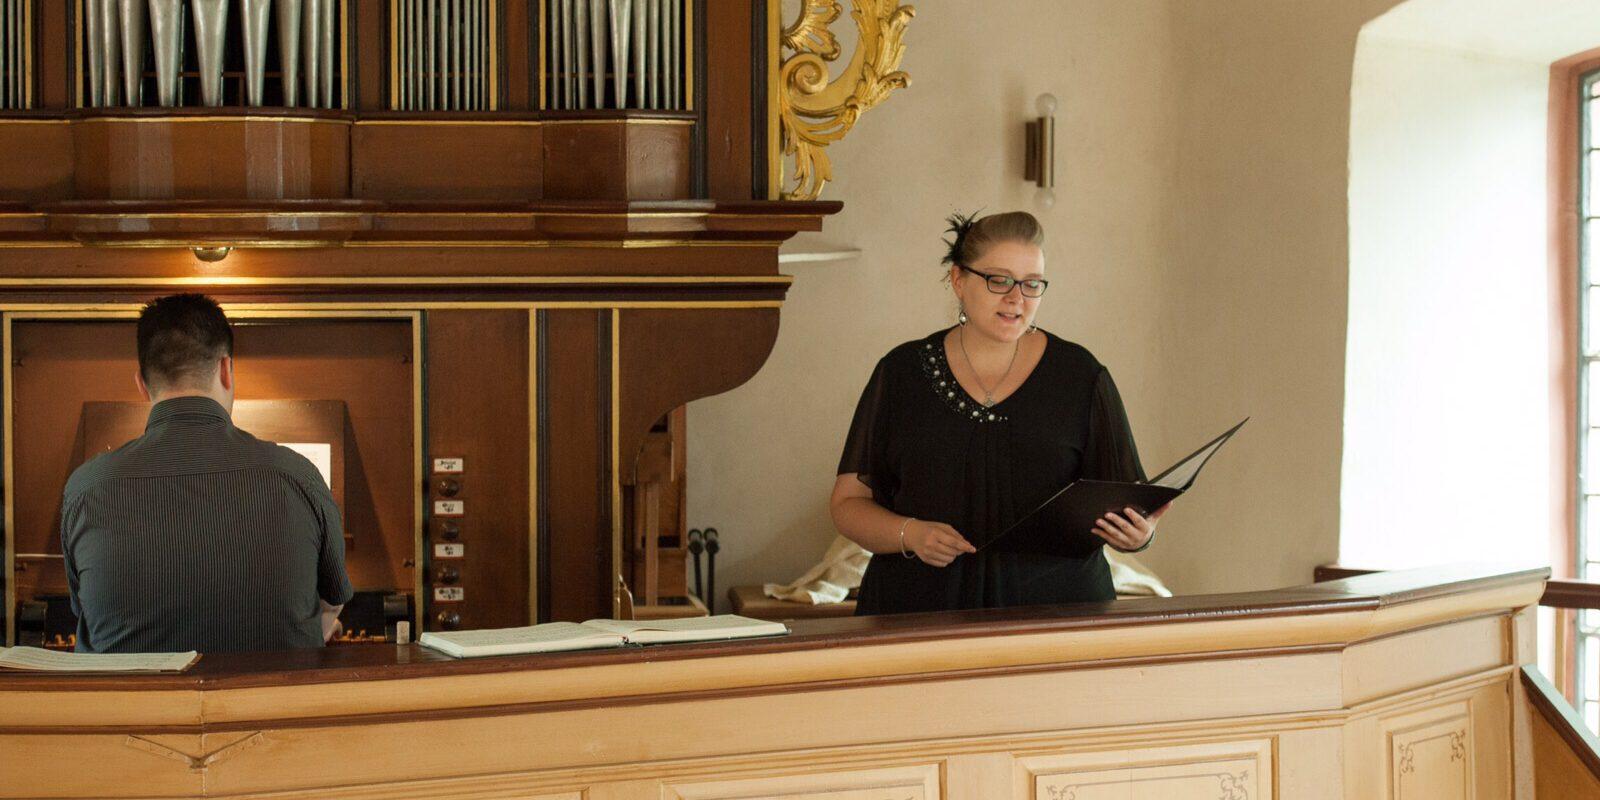 Viele Events wurden in Kombination von Gesang und Orgel begleitet.